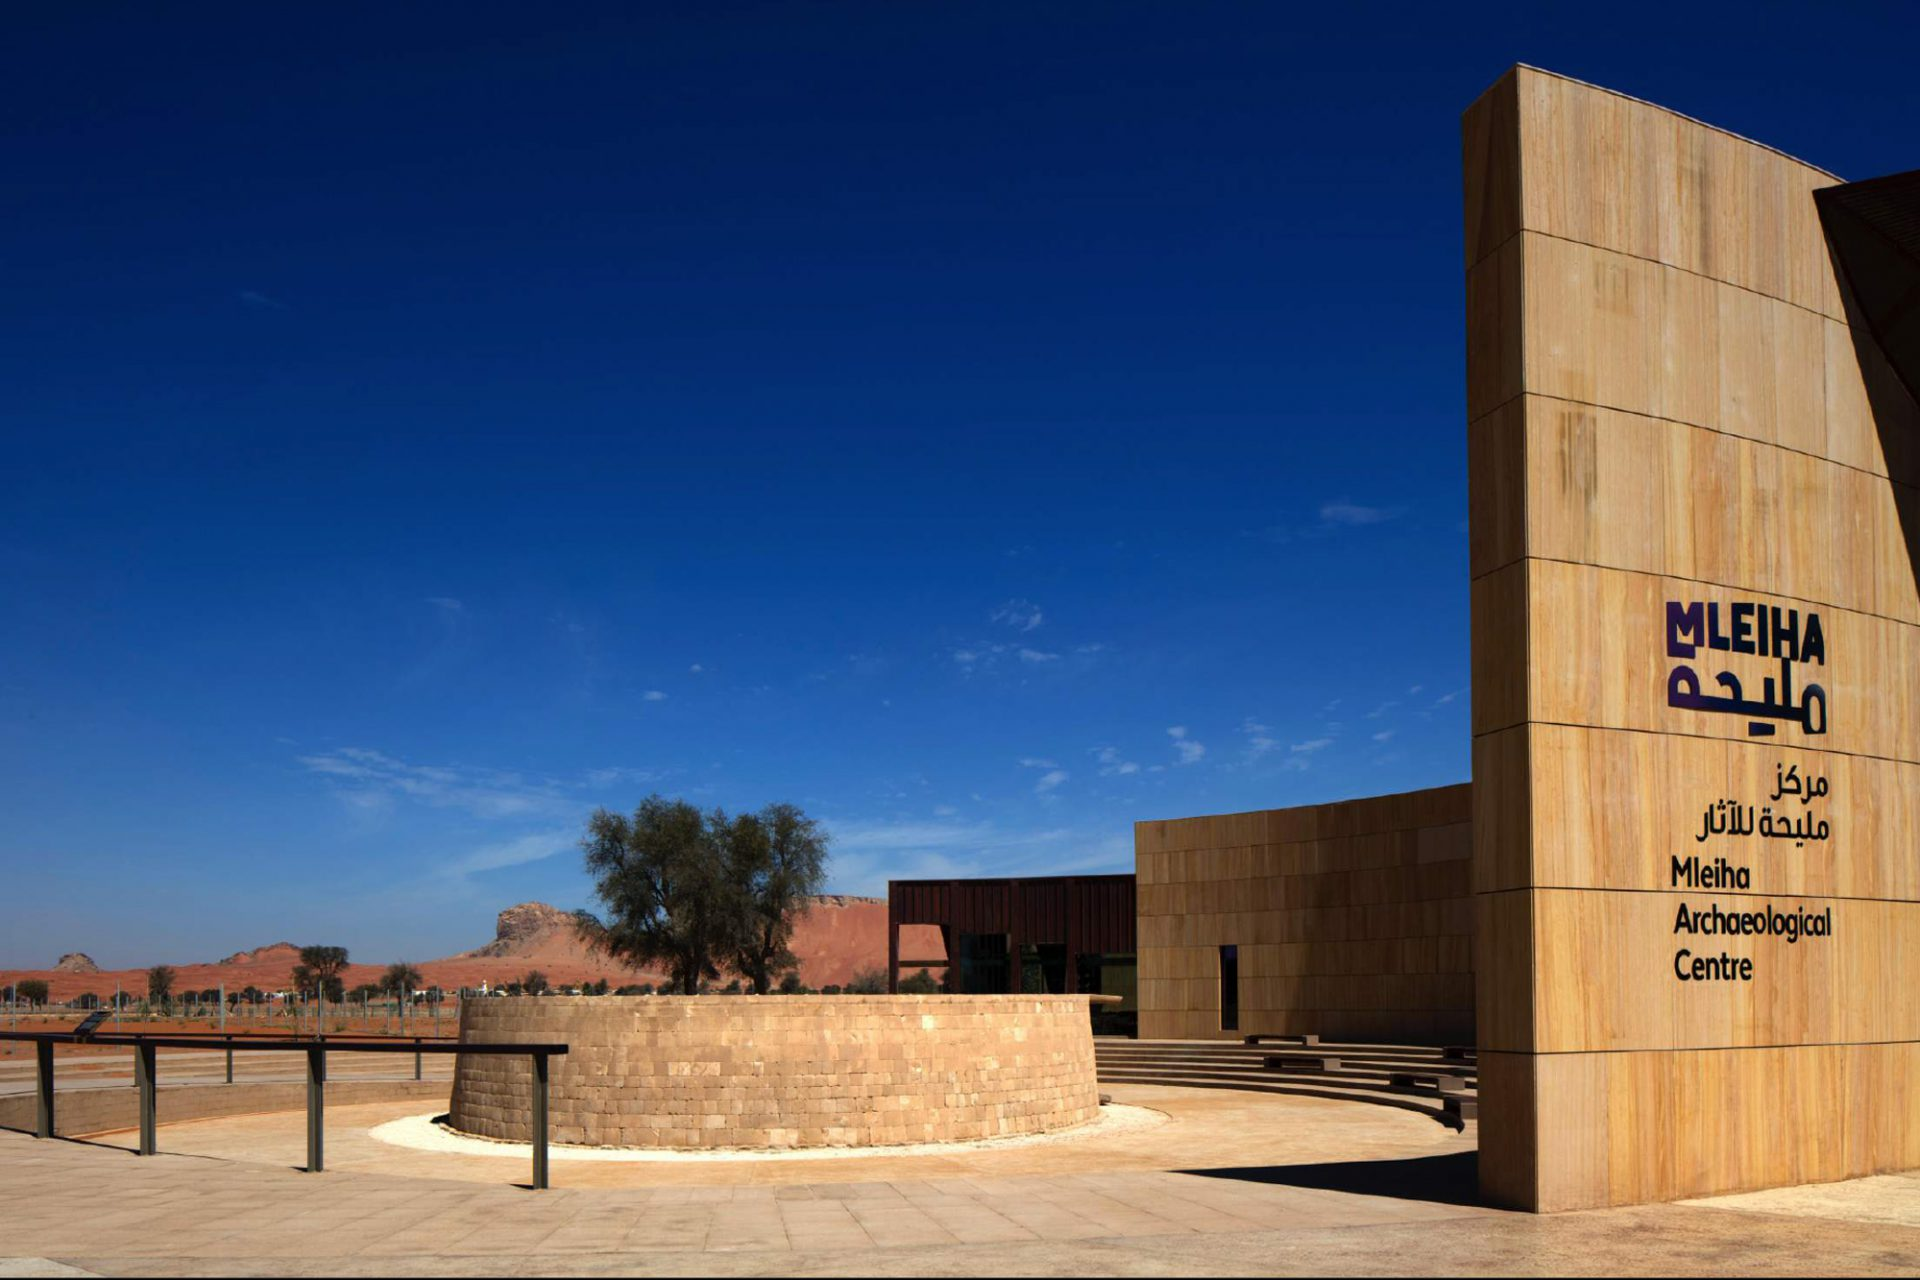 Mleiha Archaeological Centre. Im Zentrum der Anlage befindet sich die historische Grabstätte der Umm an-Nar.